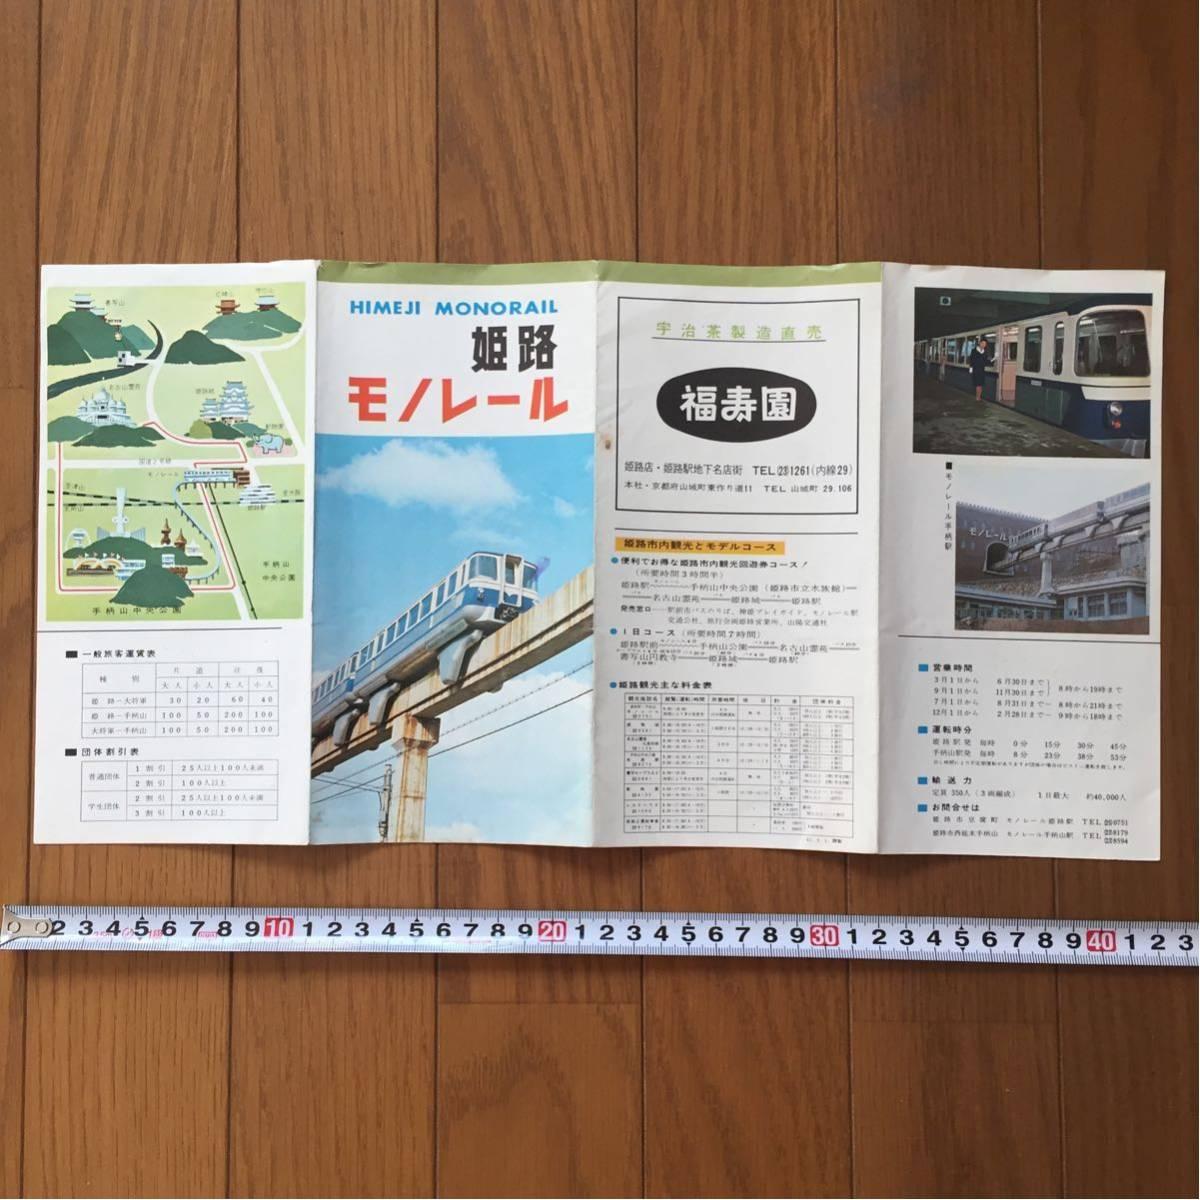 昭和レトロ 昭和 観光 パンフレット 姫路モノレール 運転時分 運賃表 当時物 チラシ_画像2